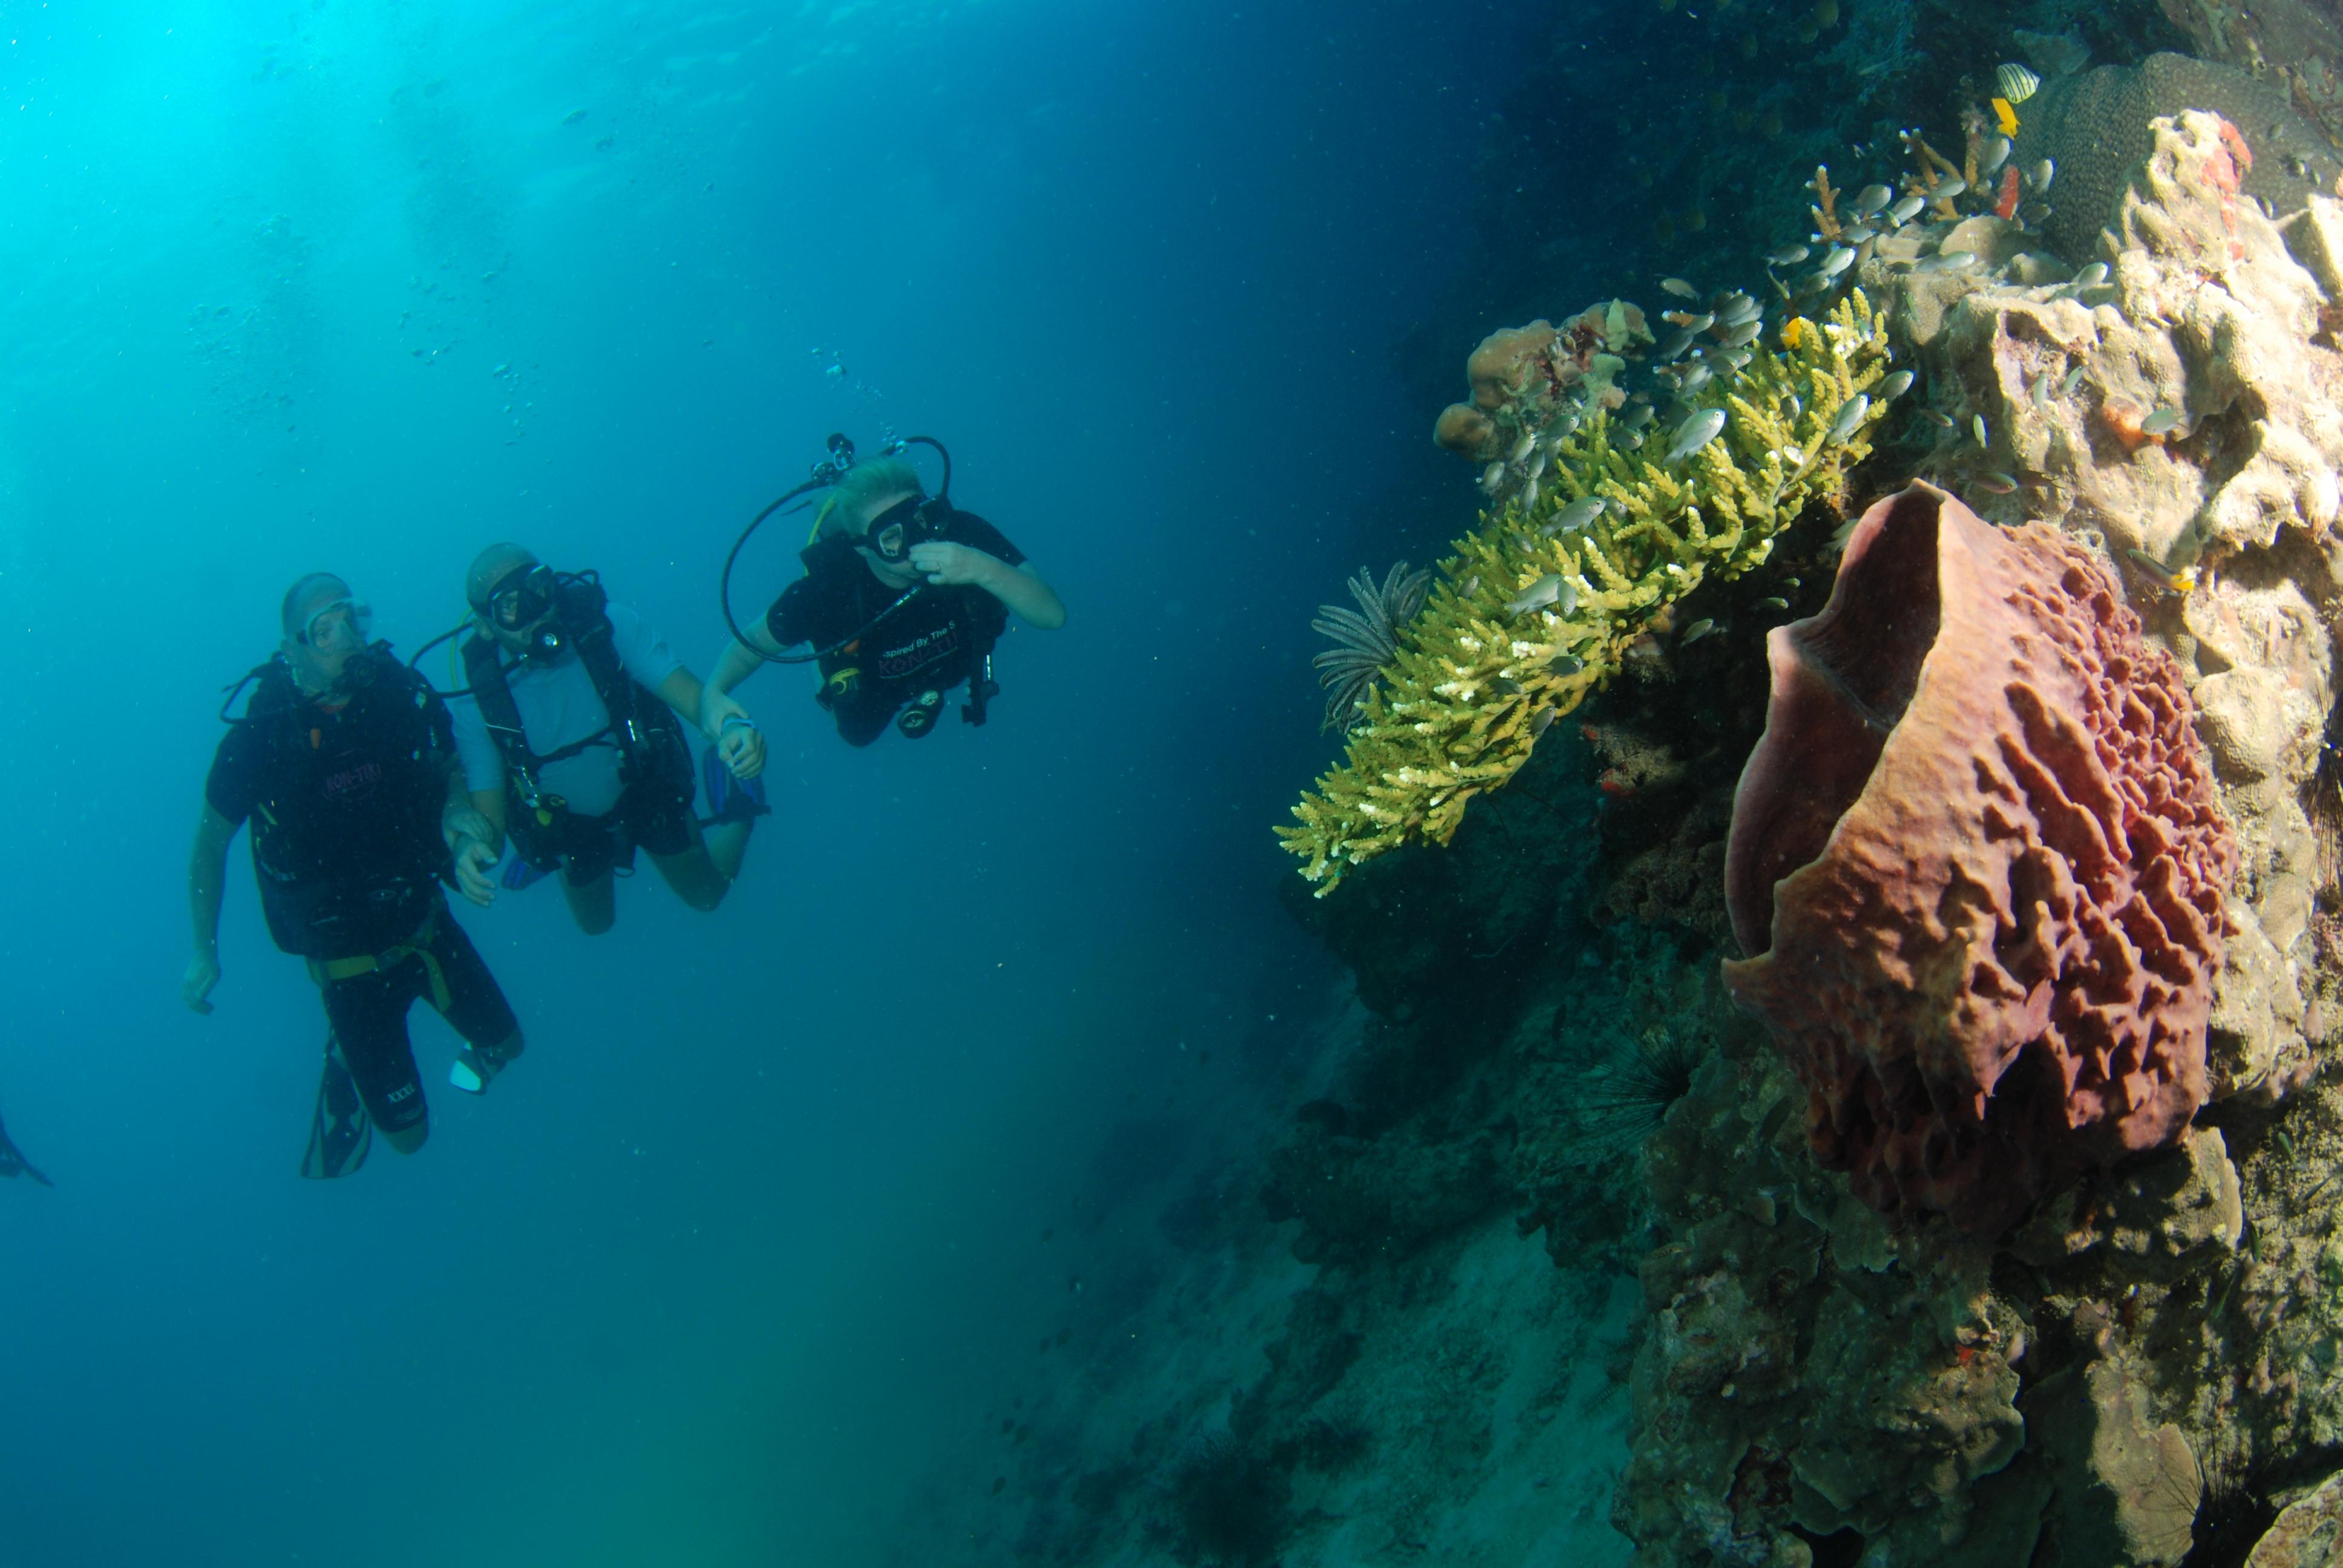 Scuba diver - pirmasis žingsnis tikro nardytojo link